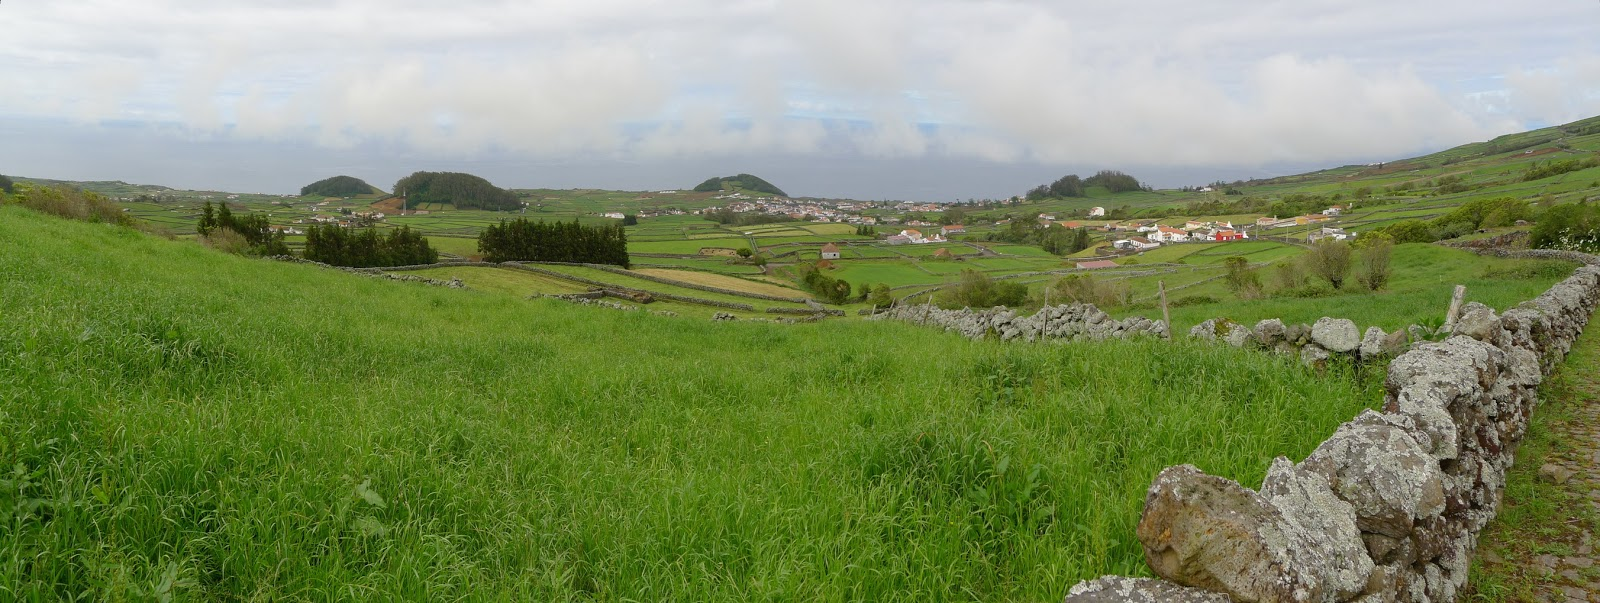 P1140154_Panorama.jpg